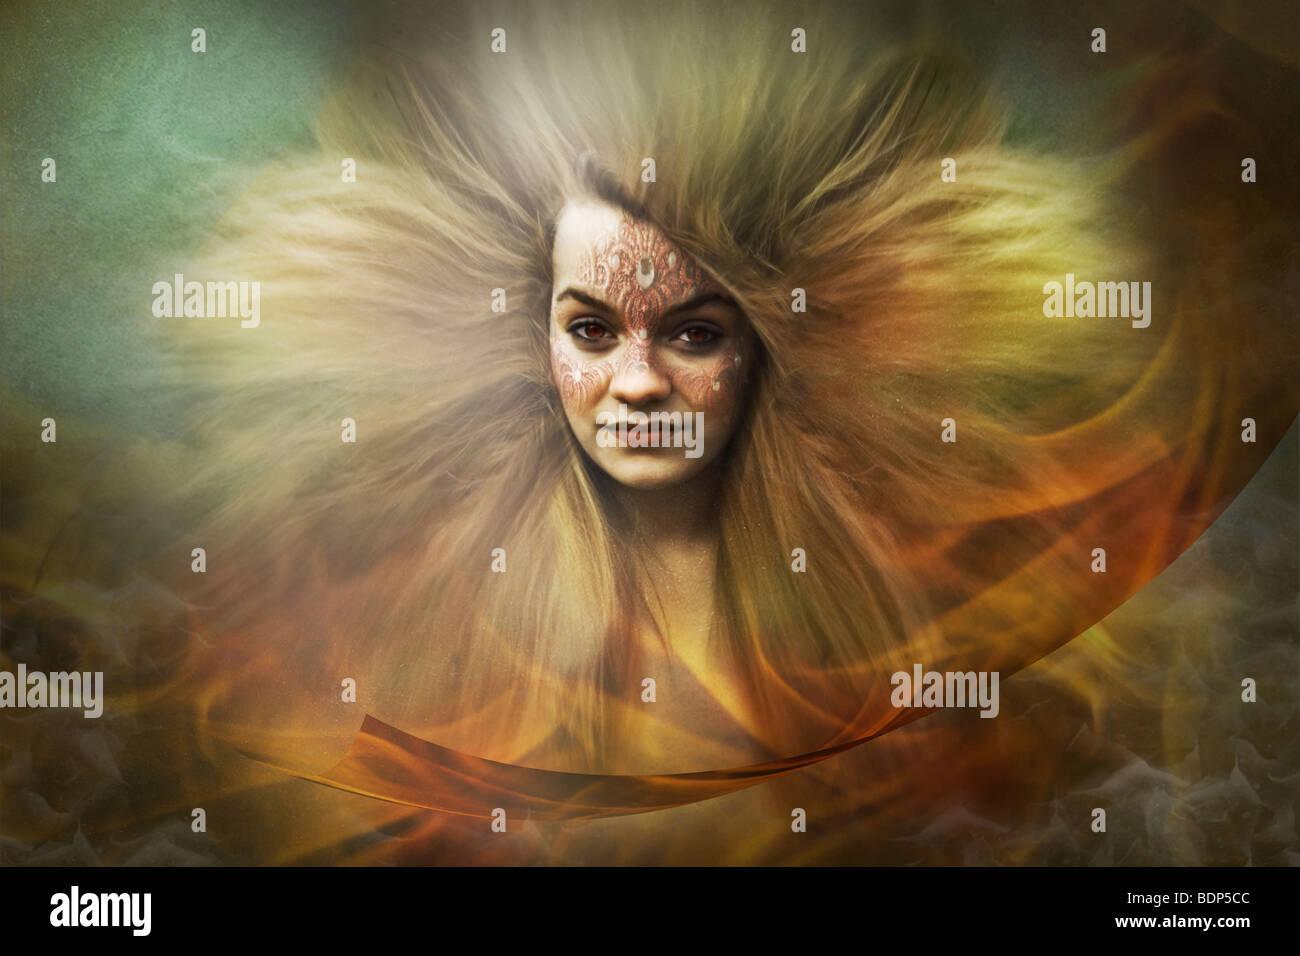 Immagine di fantasia di una femmina di indossare una maschera e capelli fluenti con fiamme intorno a lei Immagini Stock